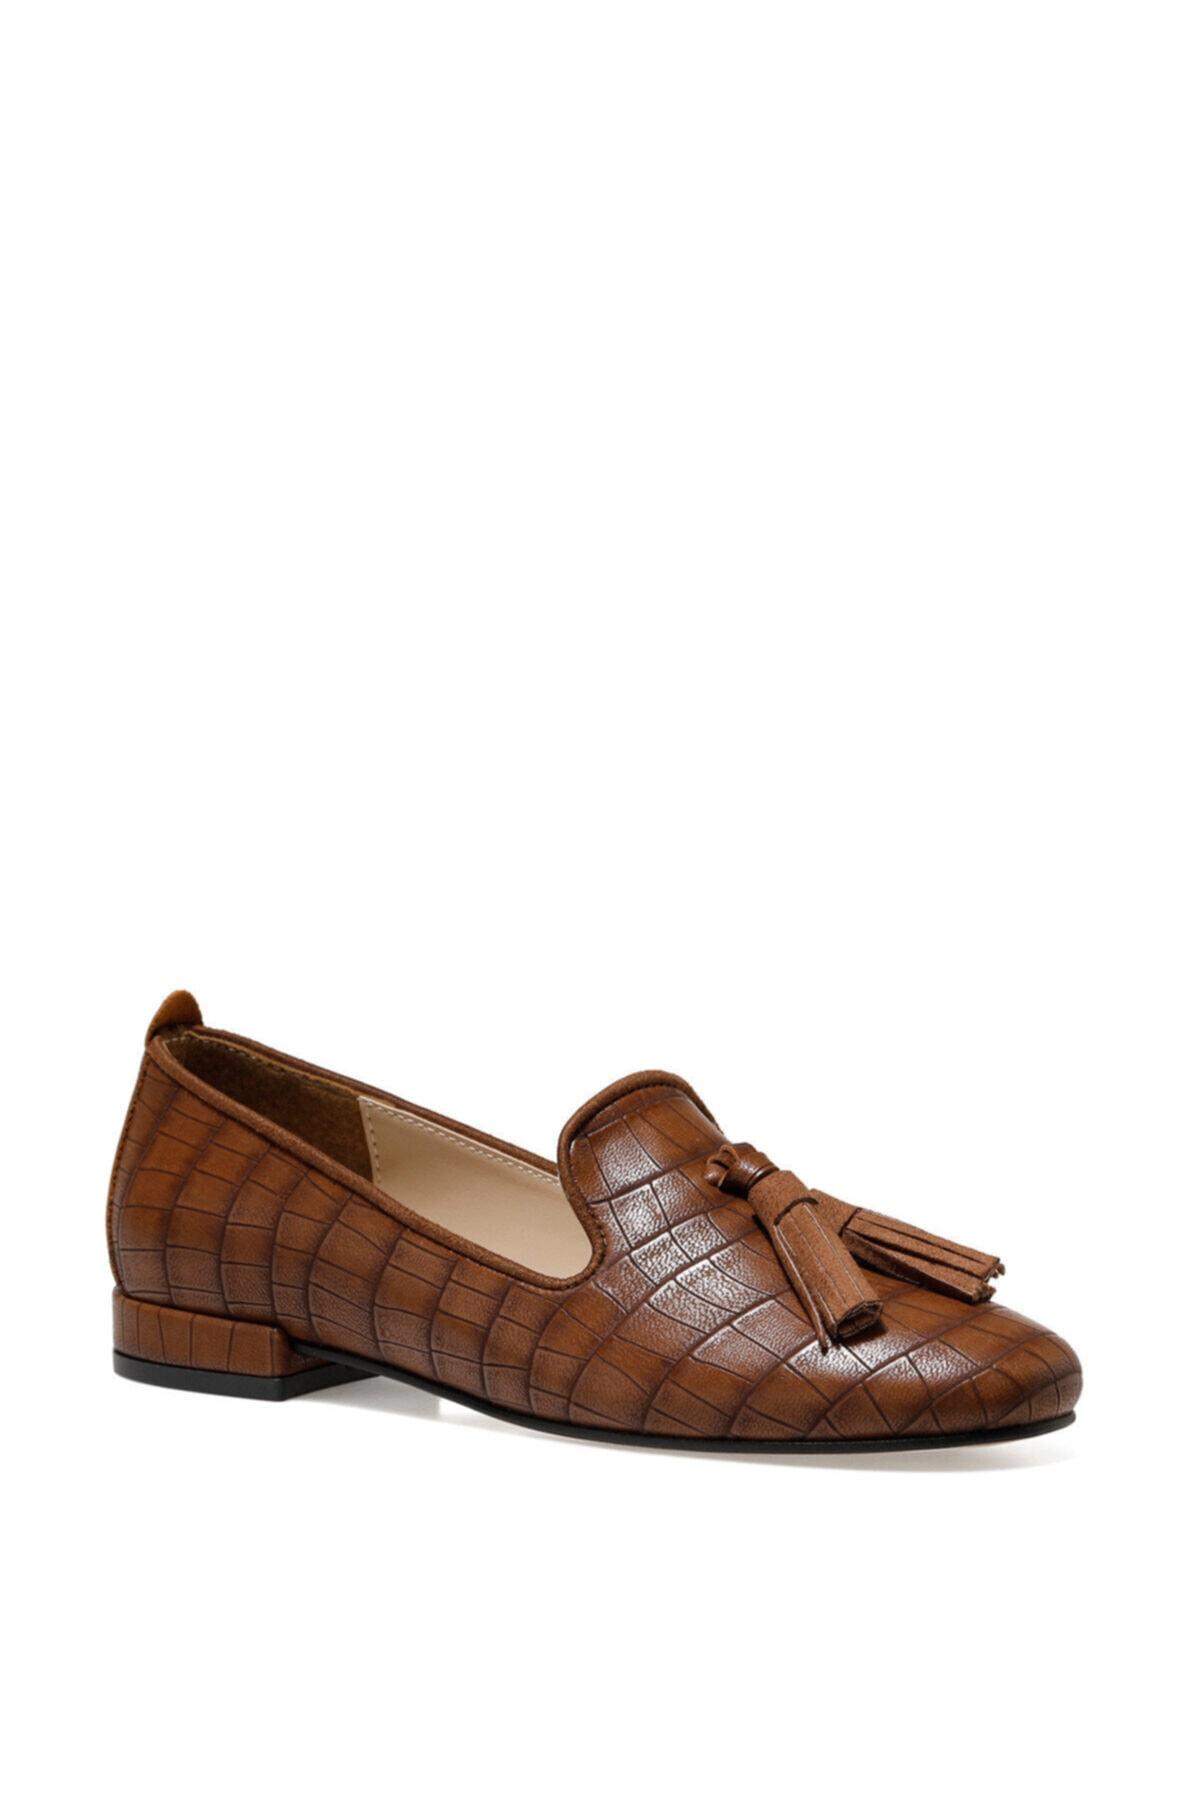 İnci CELA Taba Kadın Loafer Ayakkabı 101025783 2